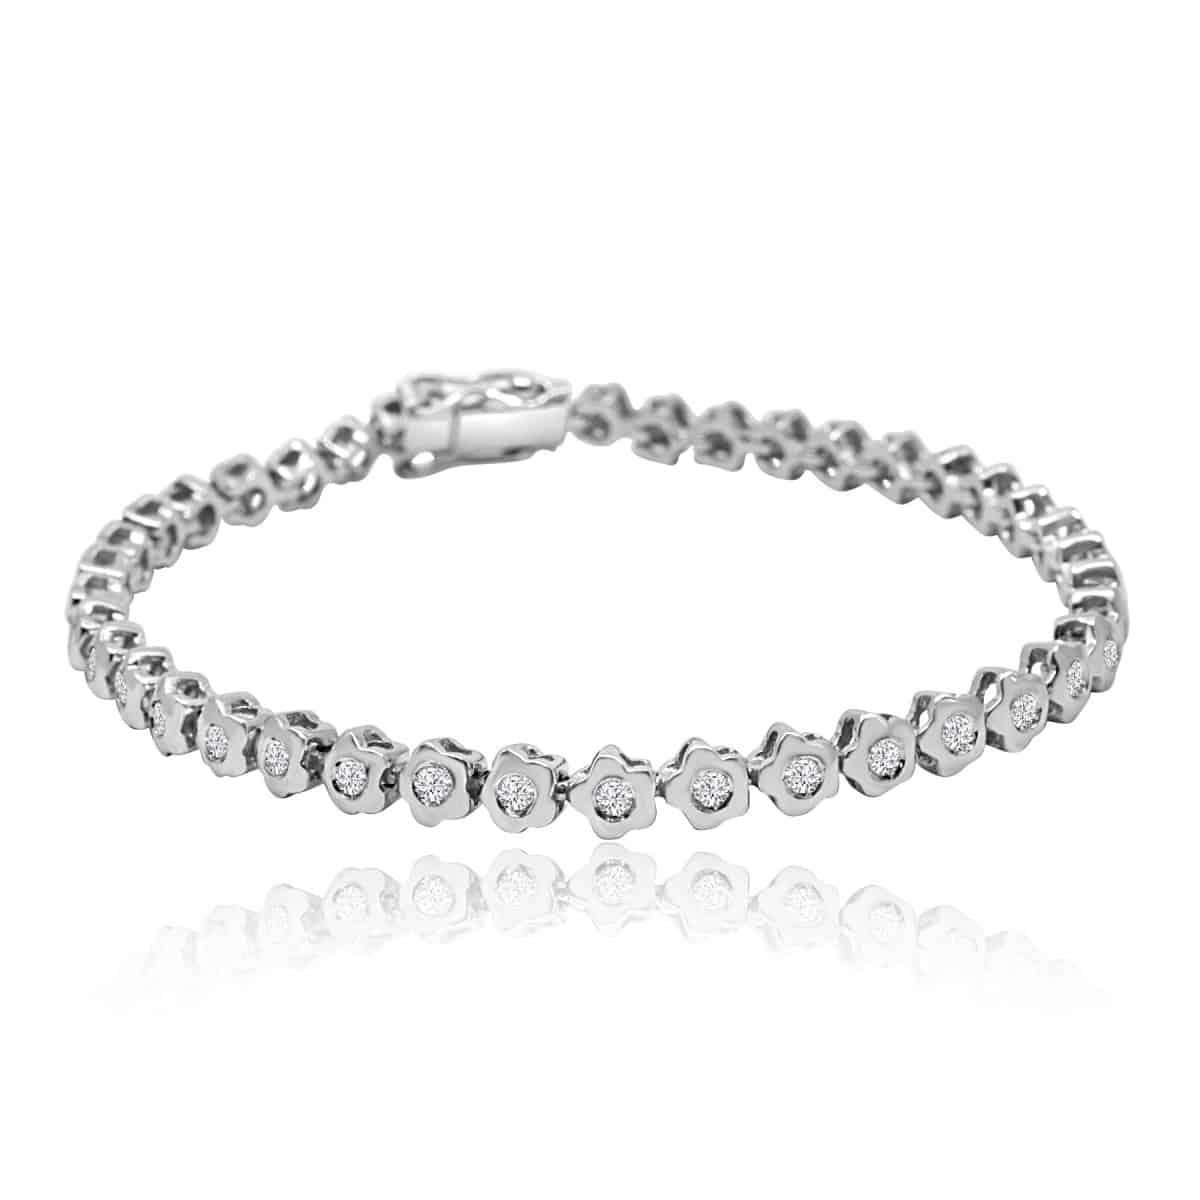 Tennis Bracelet In 18k White Gold